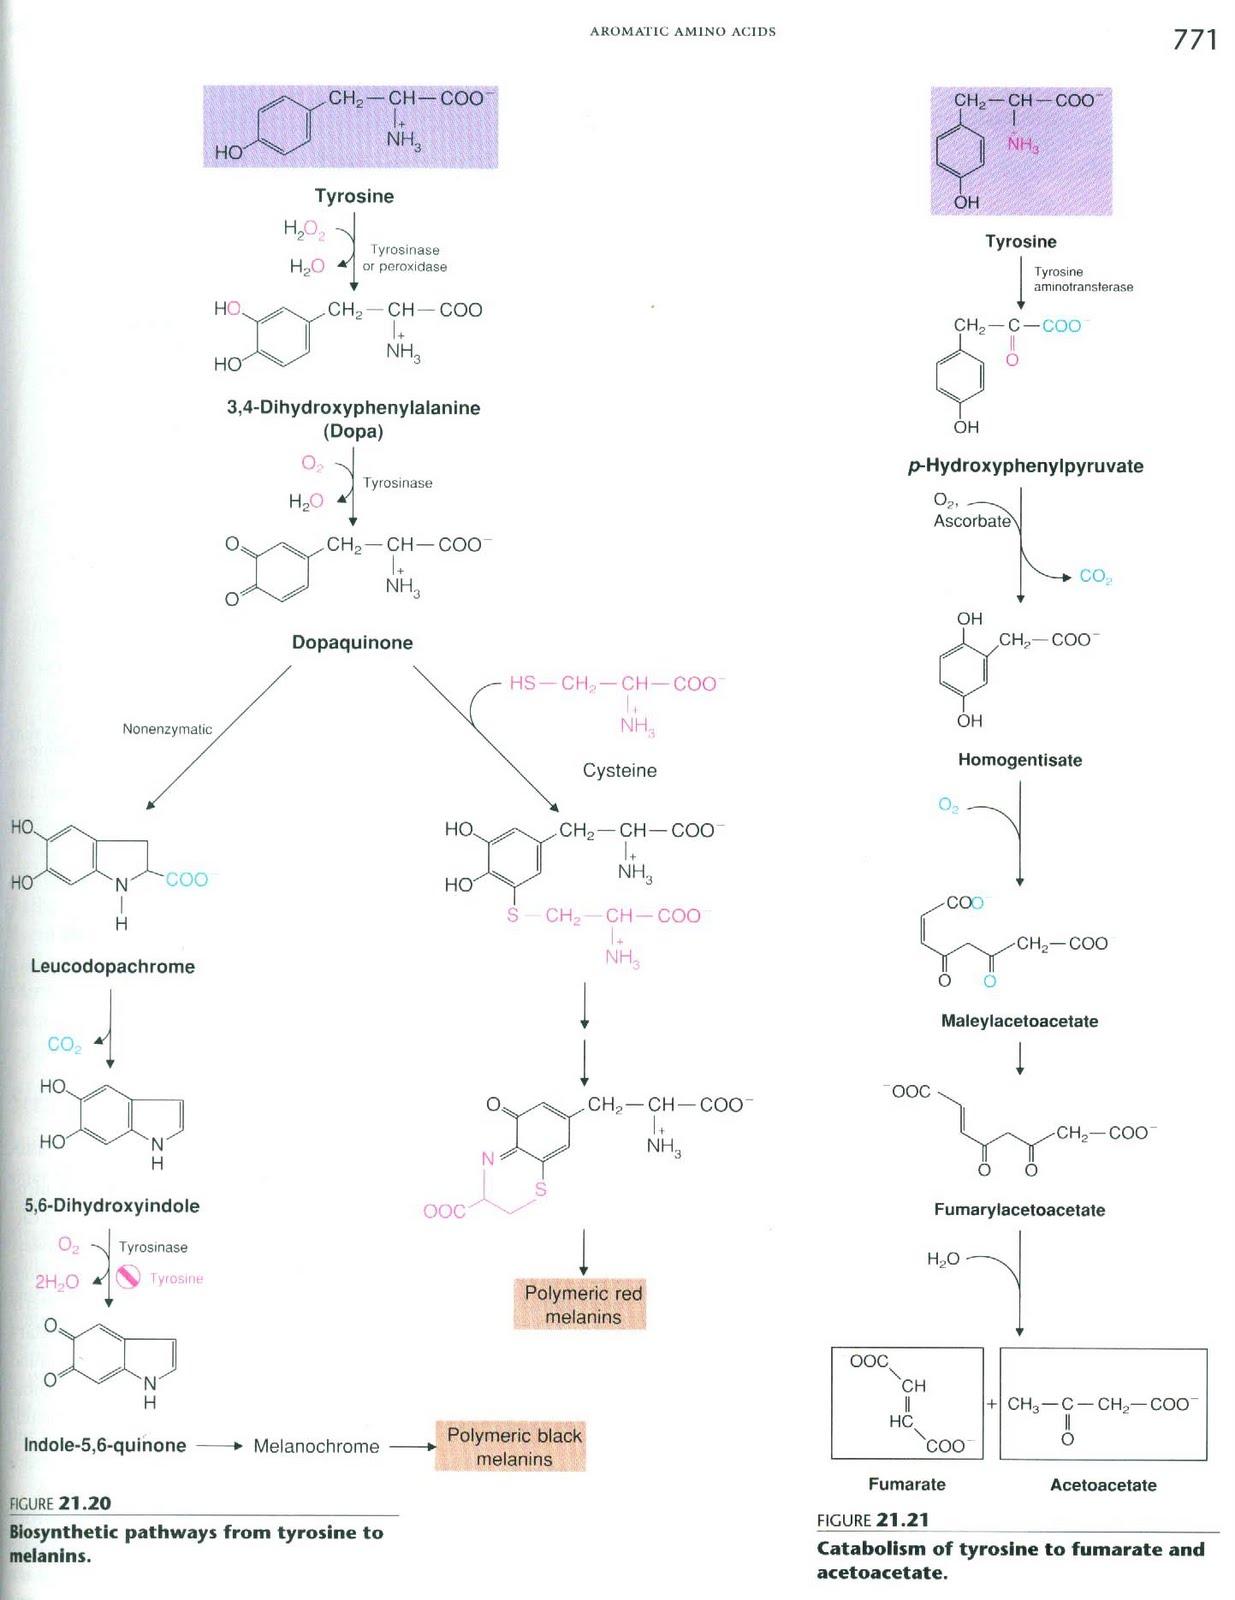 Kimia anorganik penting dipelajari, karena bukan hanya sebagai sains dasar tetapi juga sebagai salah satu dasar dari berbagai teknologi modern. KIMIA INDONESIA: MELANIN